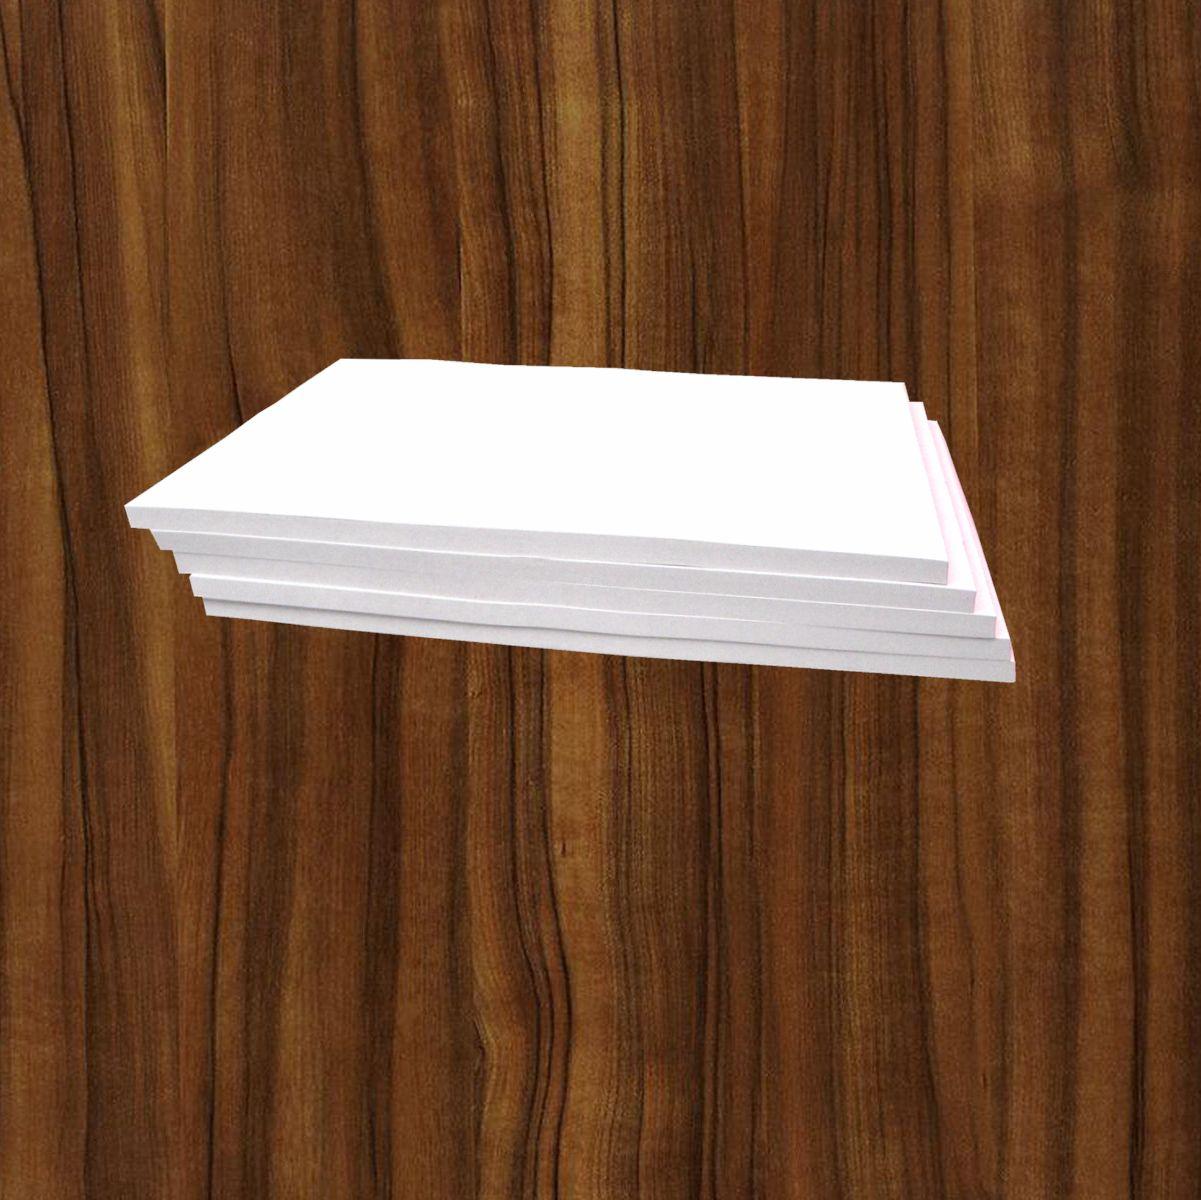 悦购16K草稿纸 草稿本 演算纸 胶装白纸 1本100张5本14.2元包邮